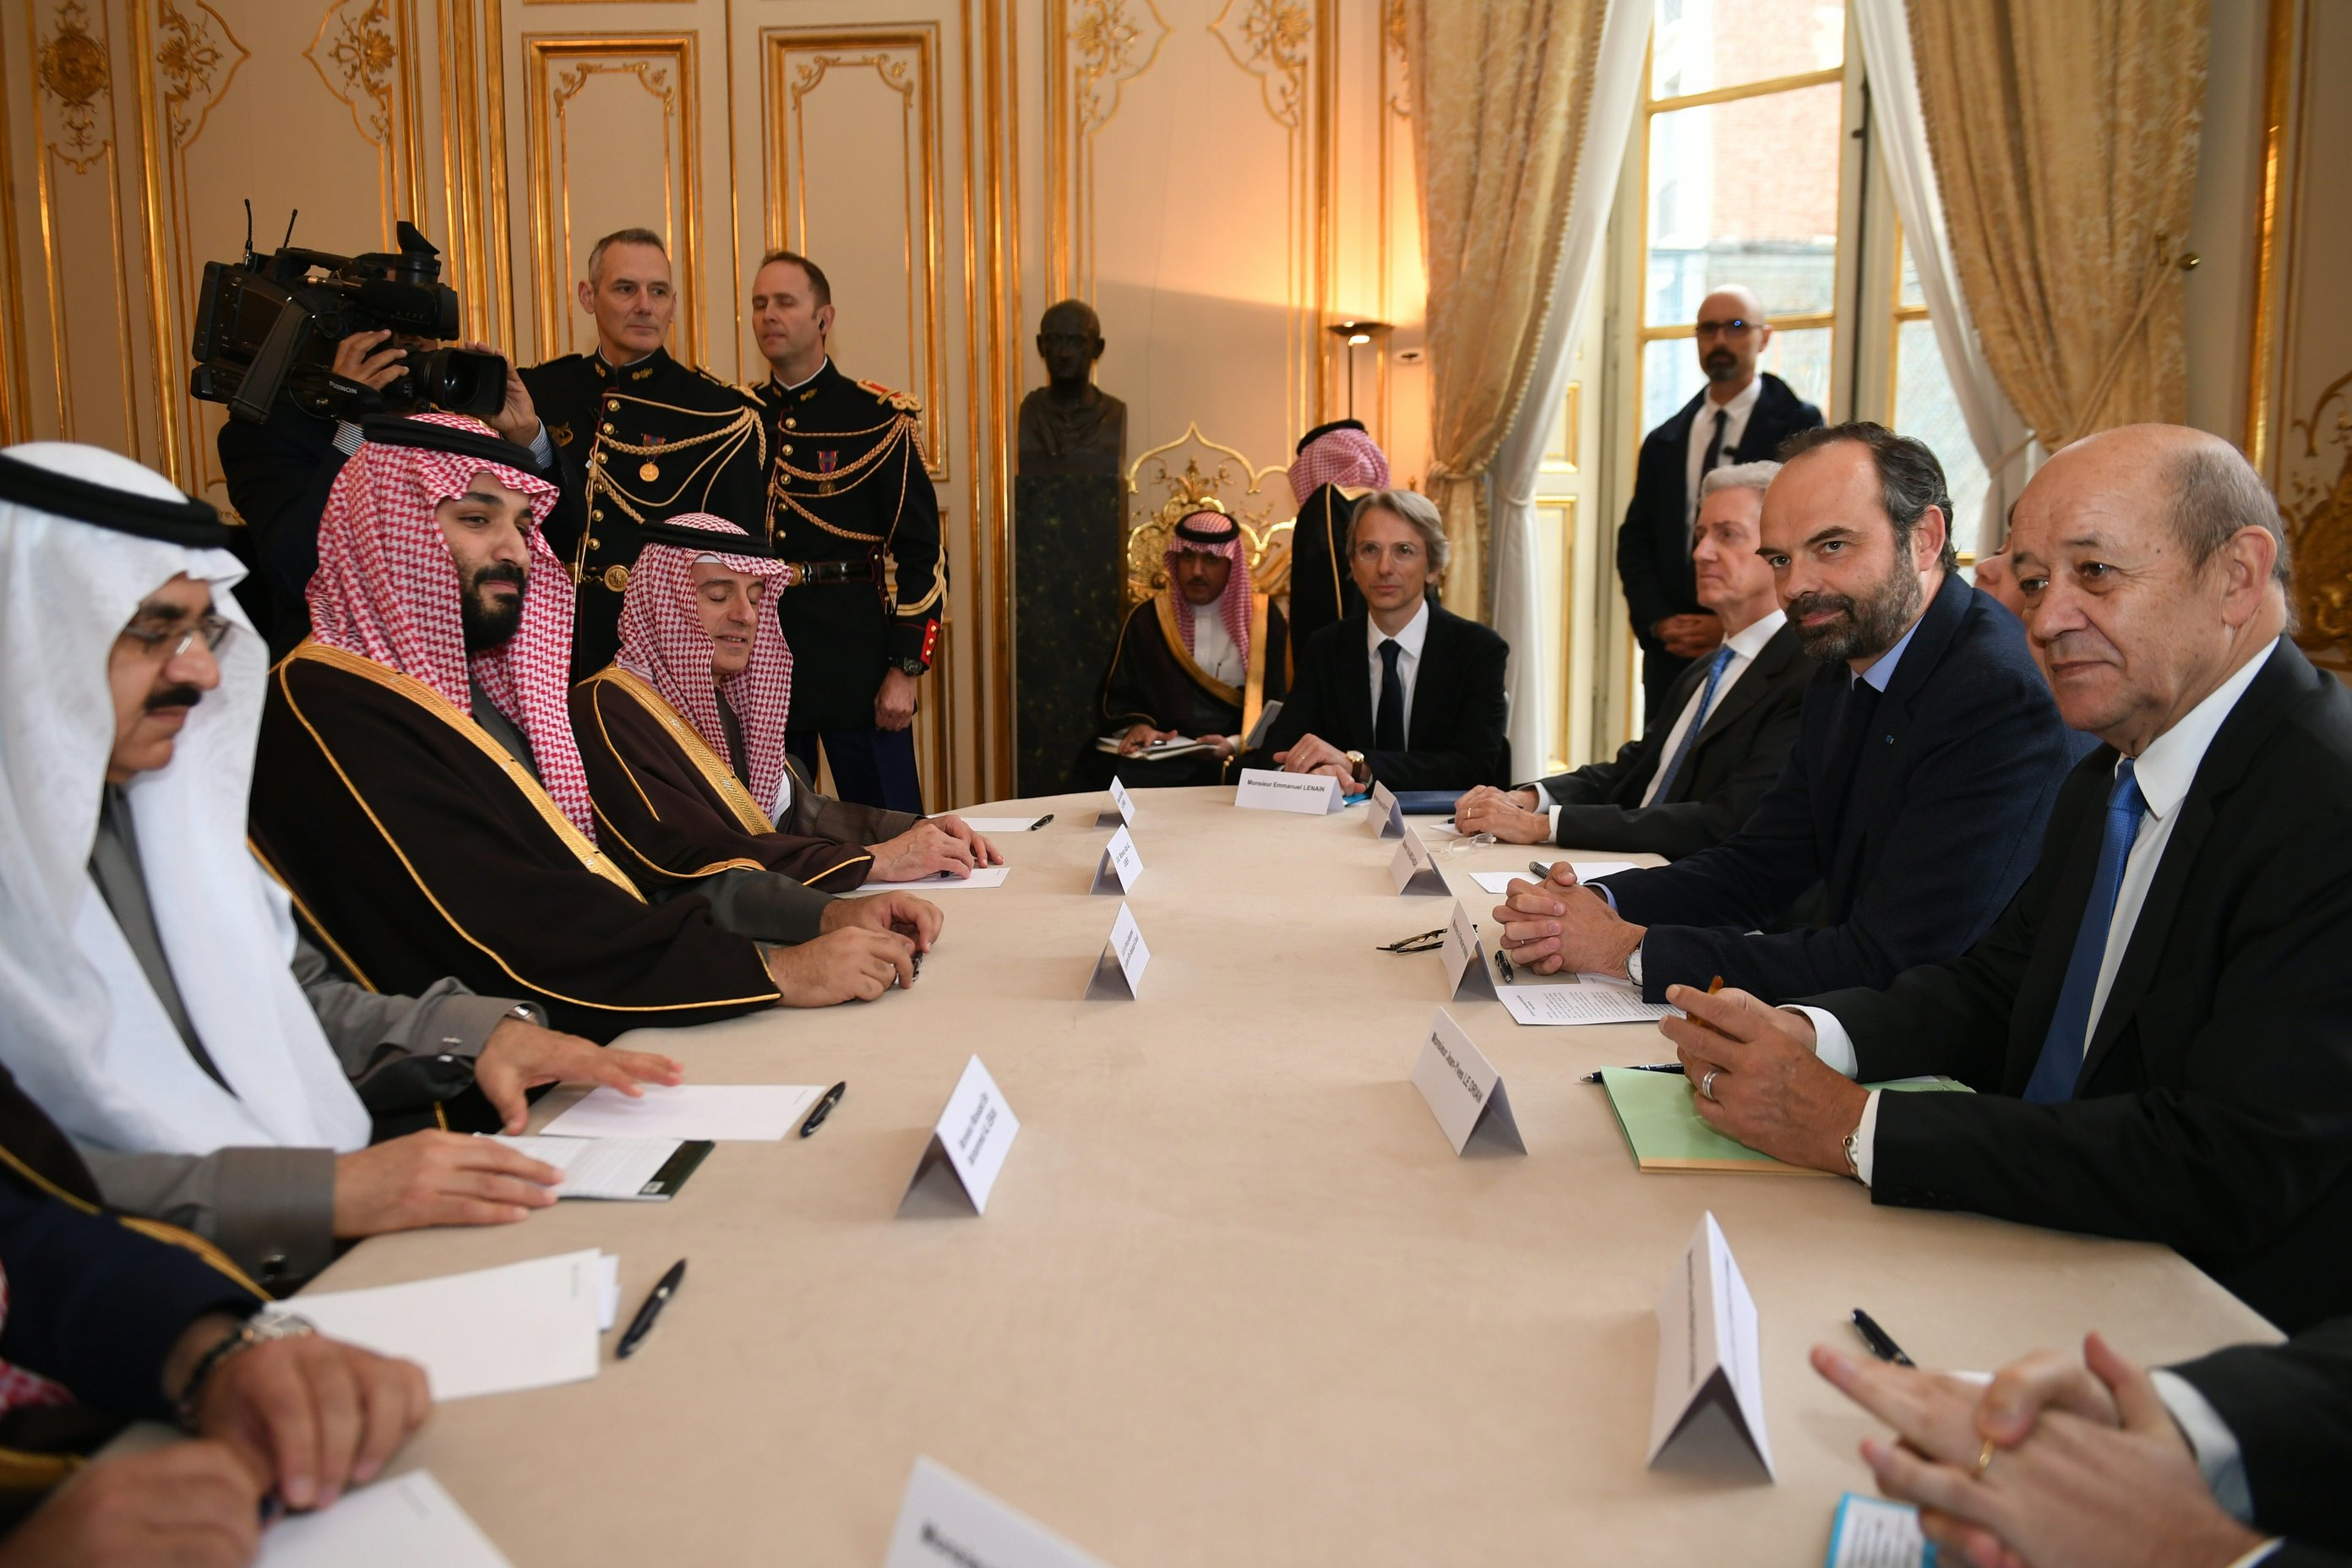 Saudijski princ sastaje se s francuskim čelnicima, aktivisti negoduju